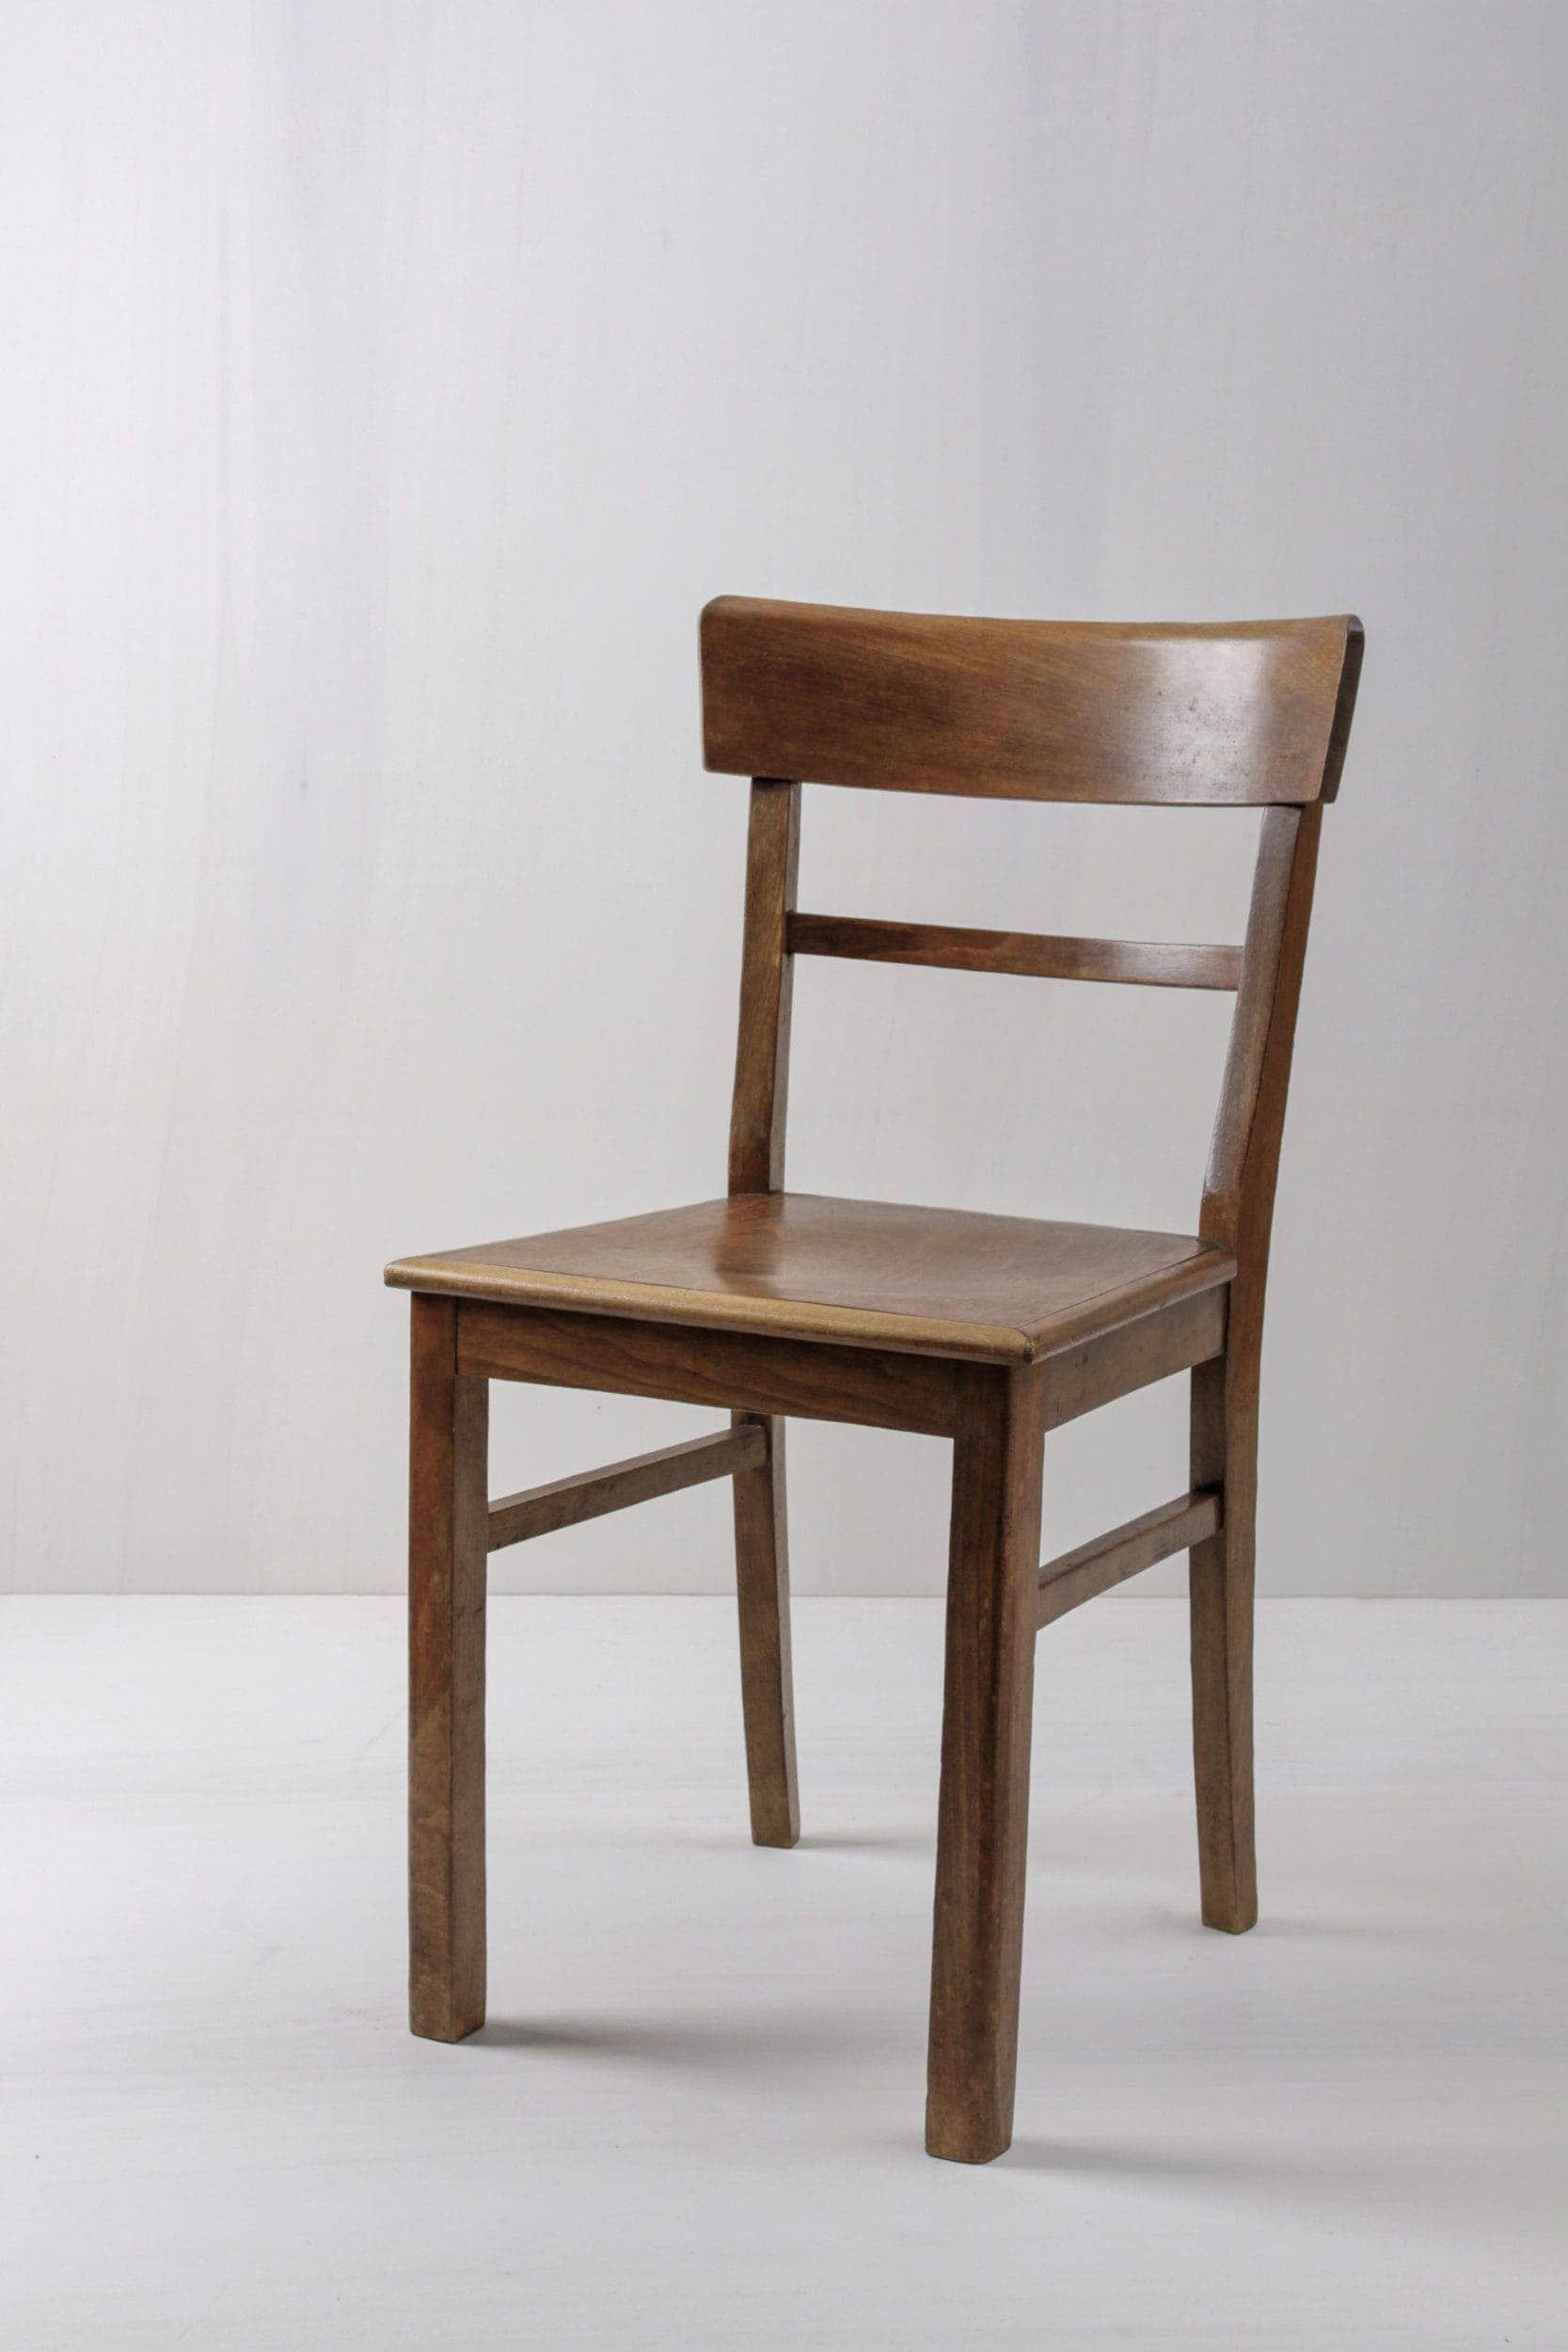 Stuhl Augustinverleih Stuhl Stuhl rental Frankfurter produkte Augustinverleih rental Frankfurter Frankfurter produkte zpSUMV